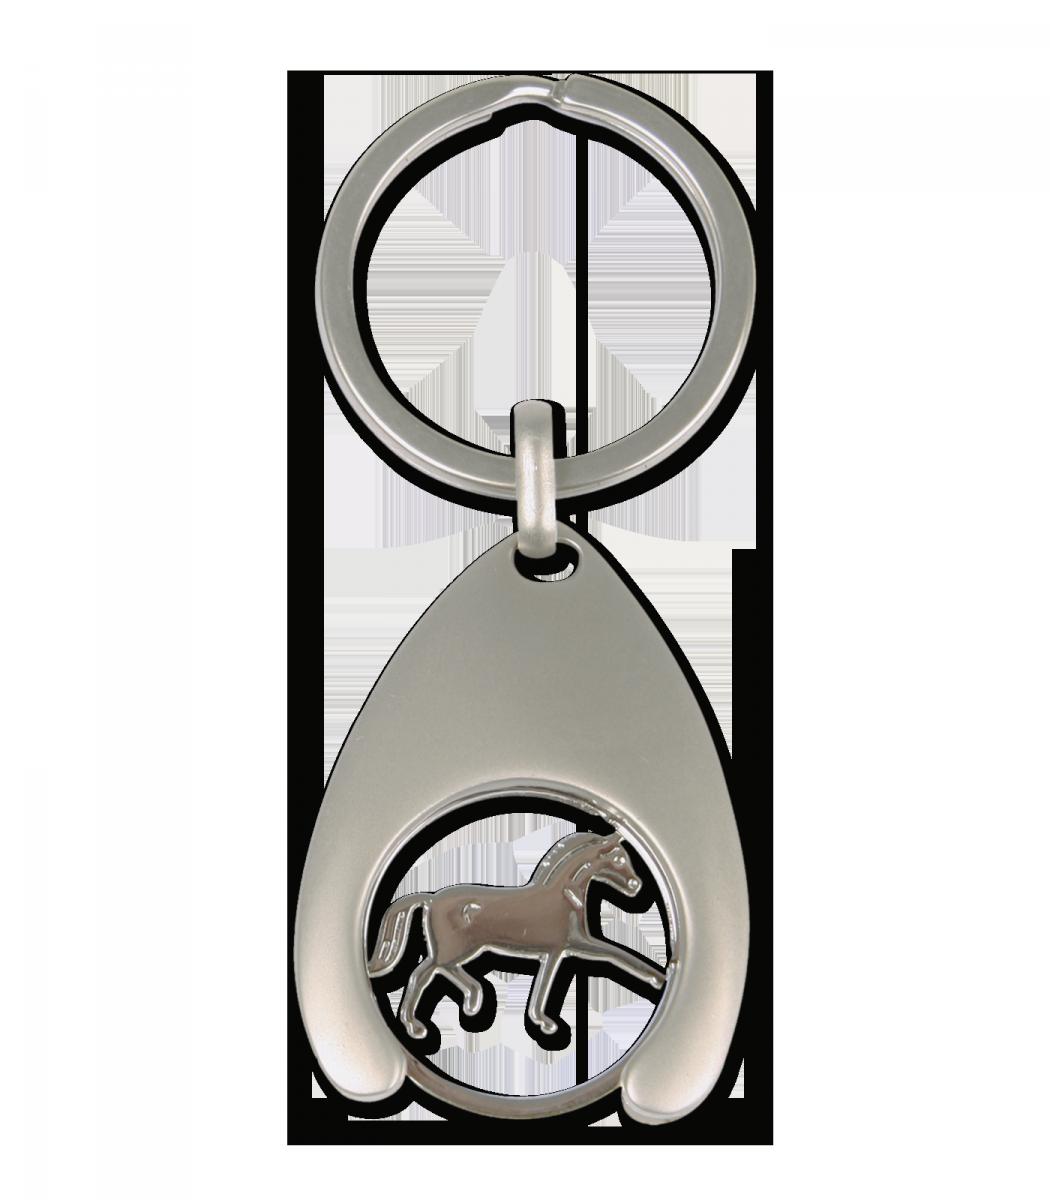 Brelok satynowy z monetą konik - WALDHAUSEN